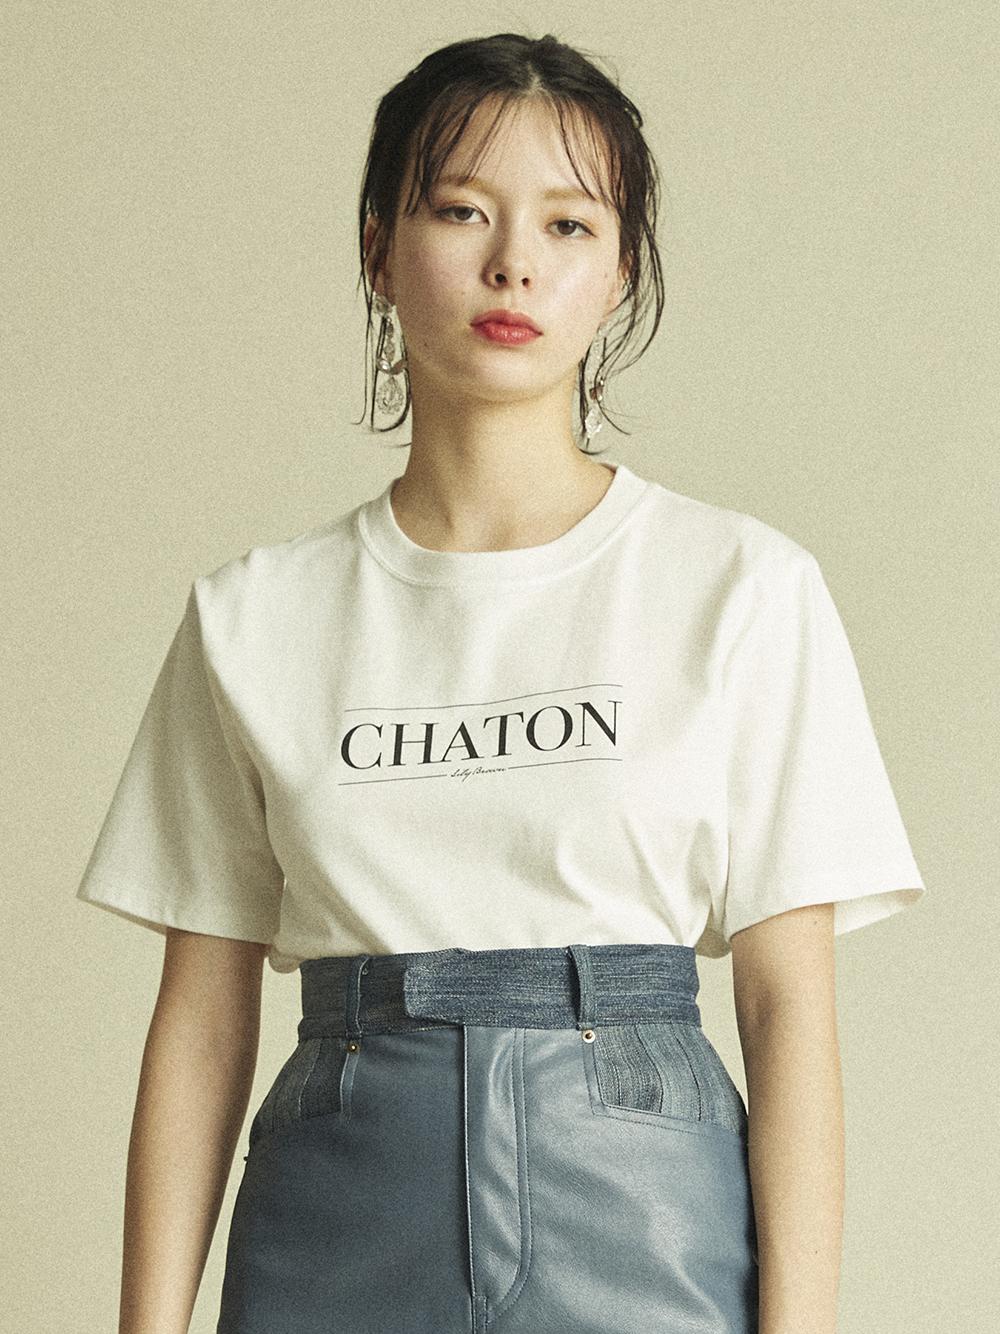 CHATONプリントTシャツ